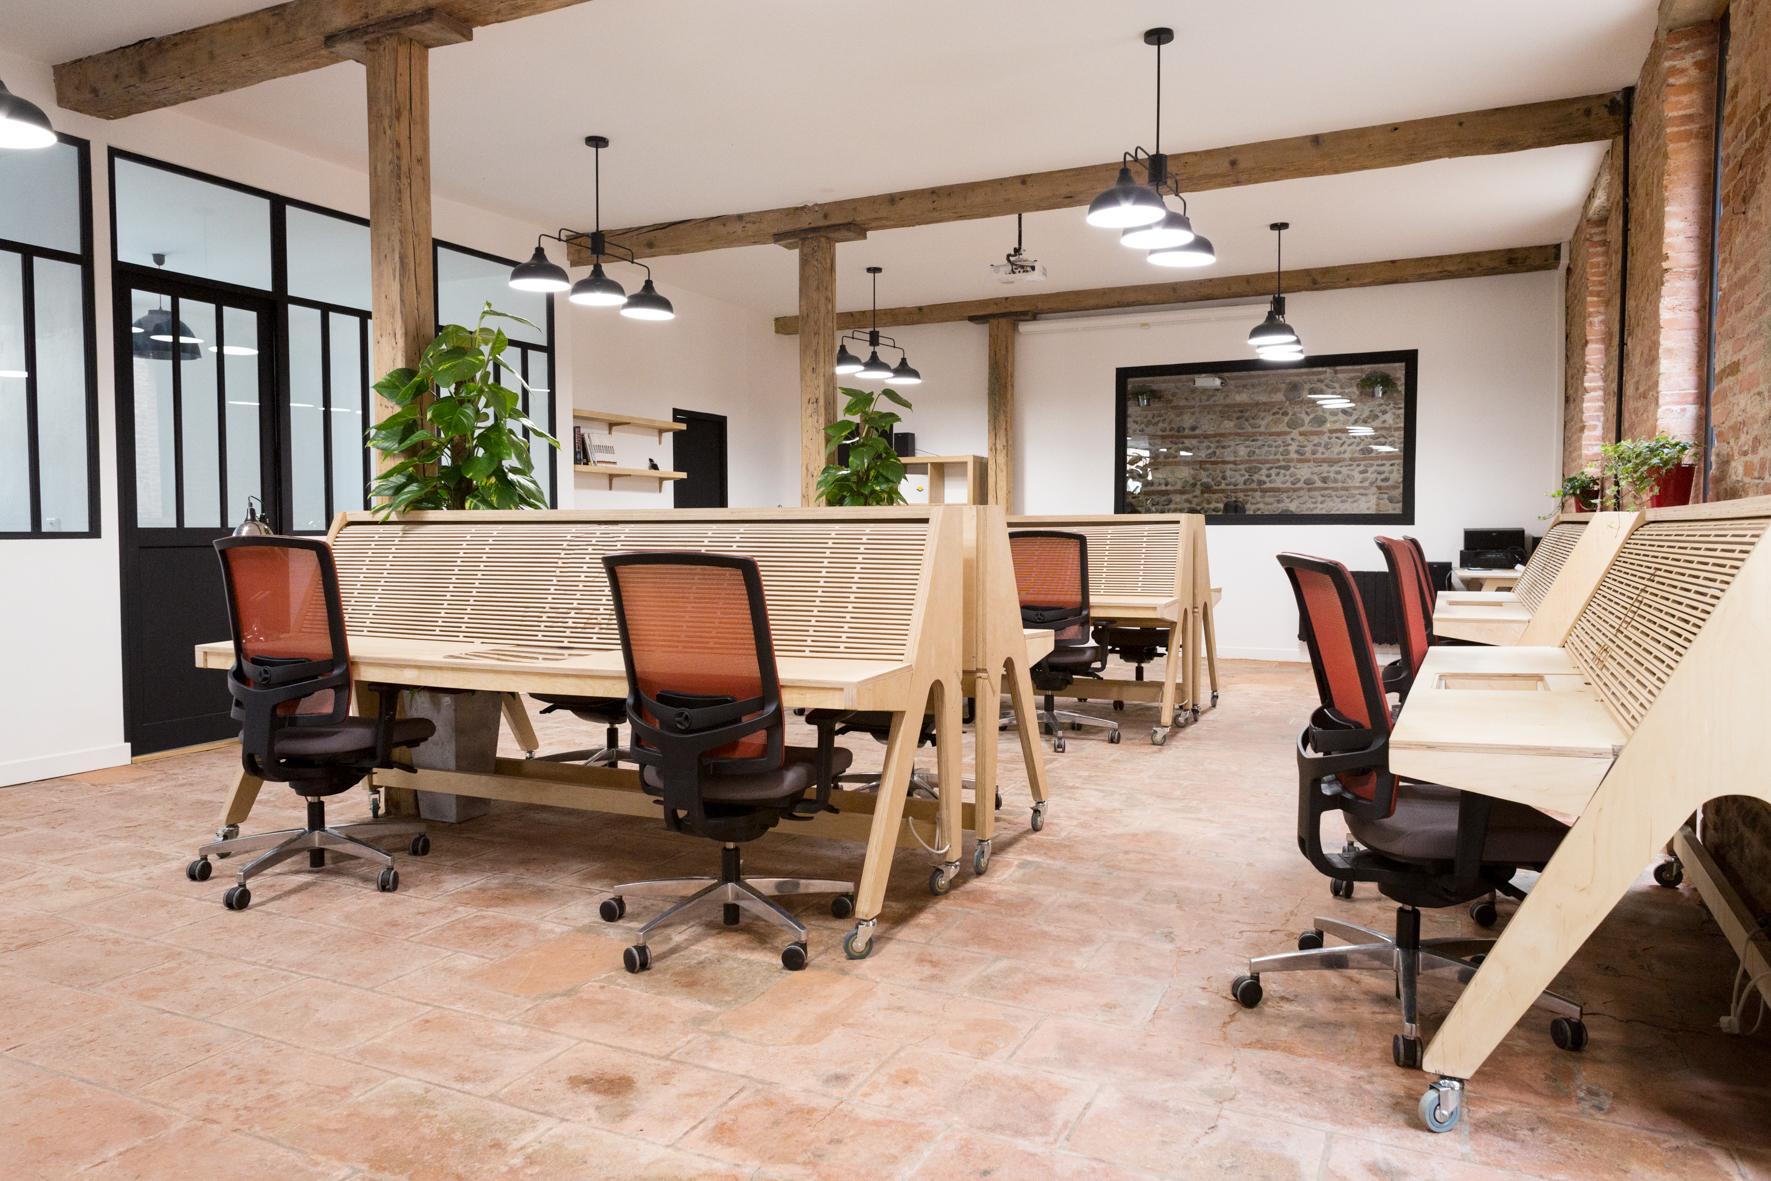 local votre bureau dans un espace convivial et chaleureux. Black Bedroom Furniture Sets. Home Design Ideas